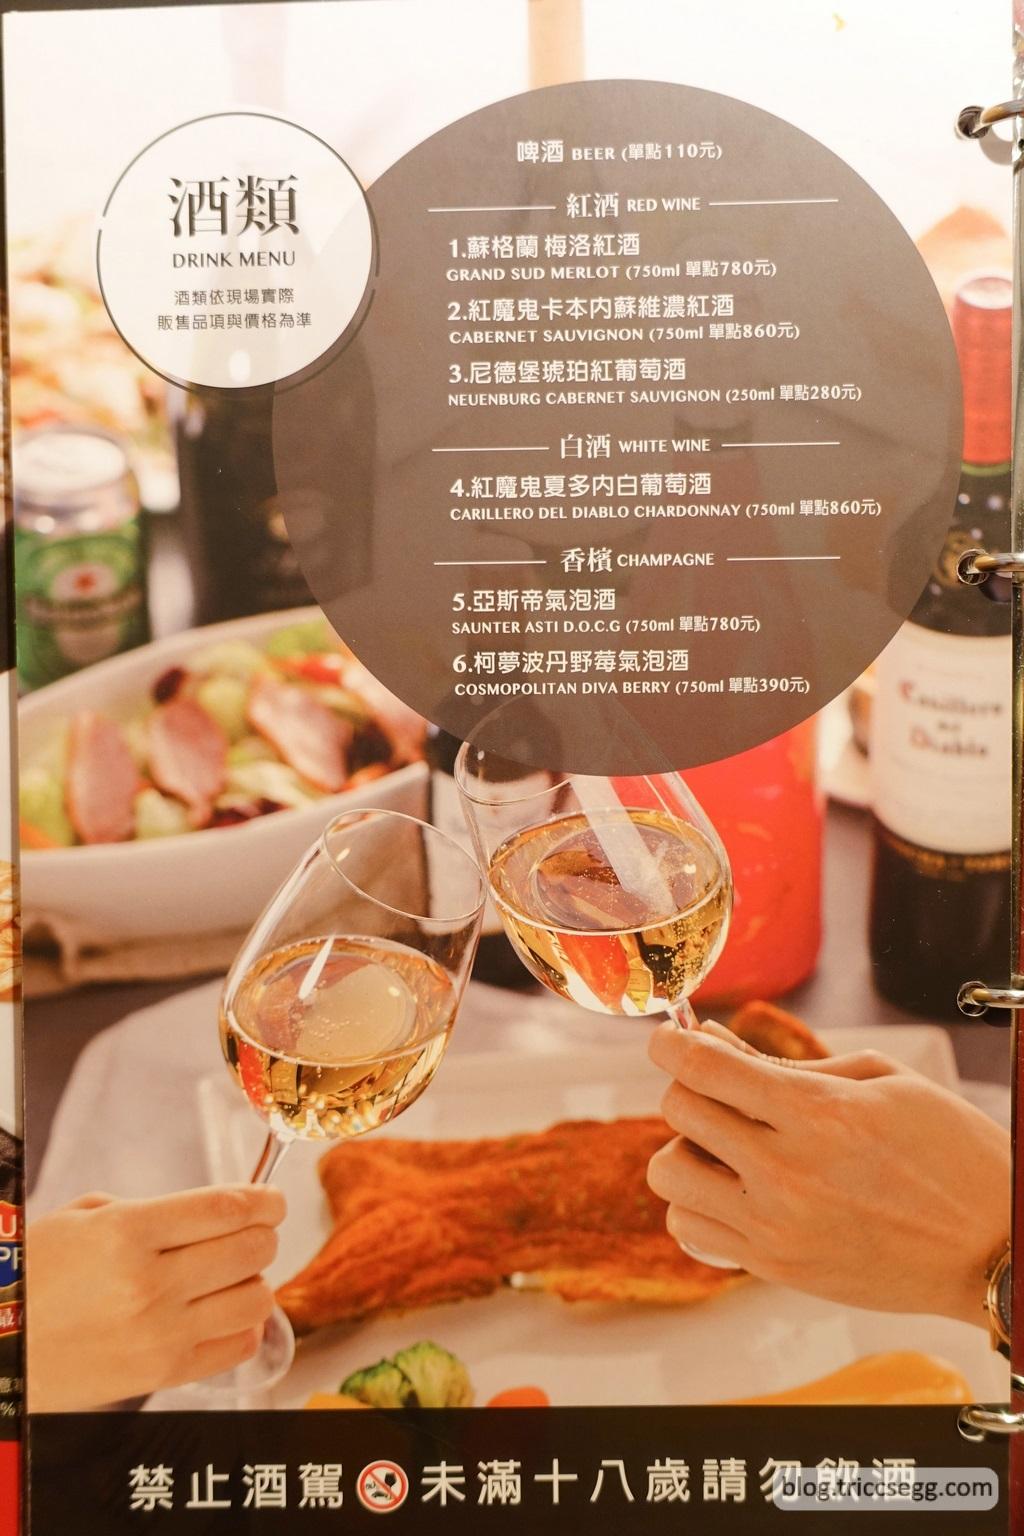 西堤牛排菜單(1).jpg